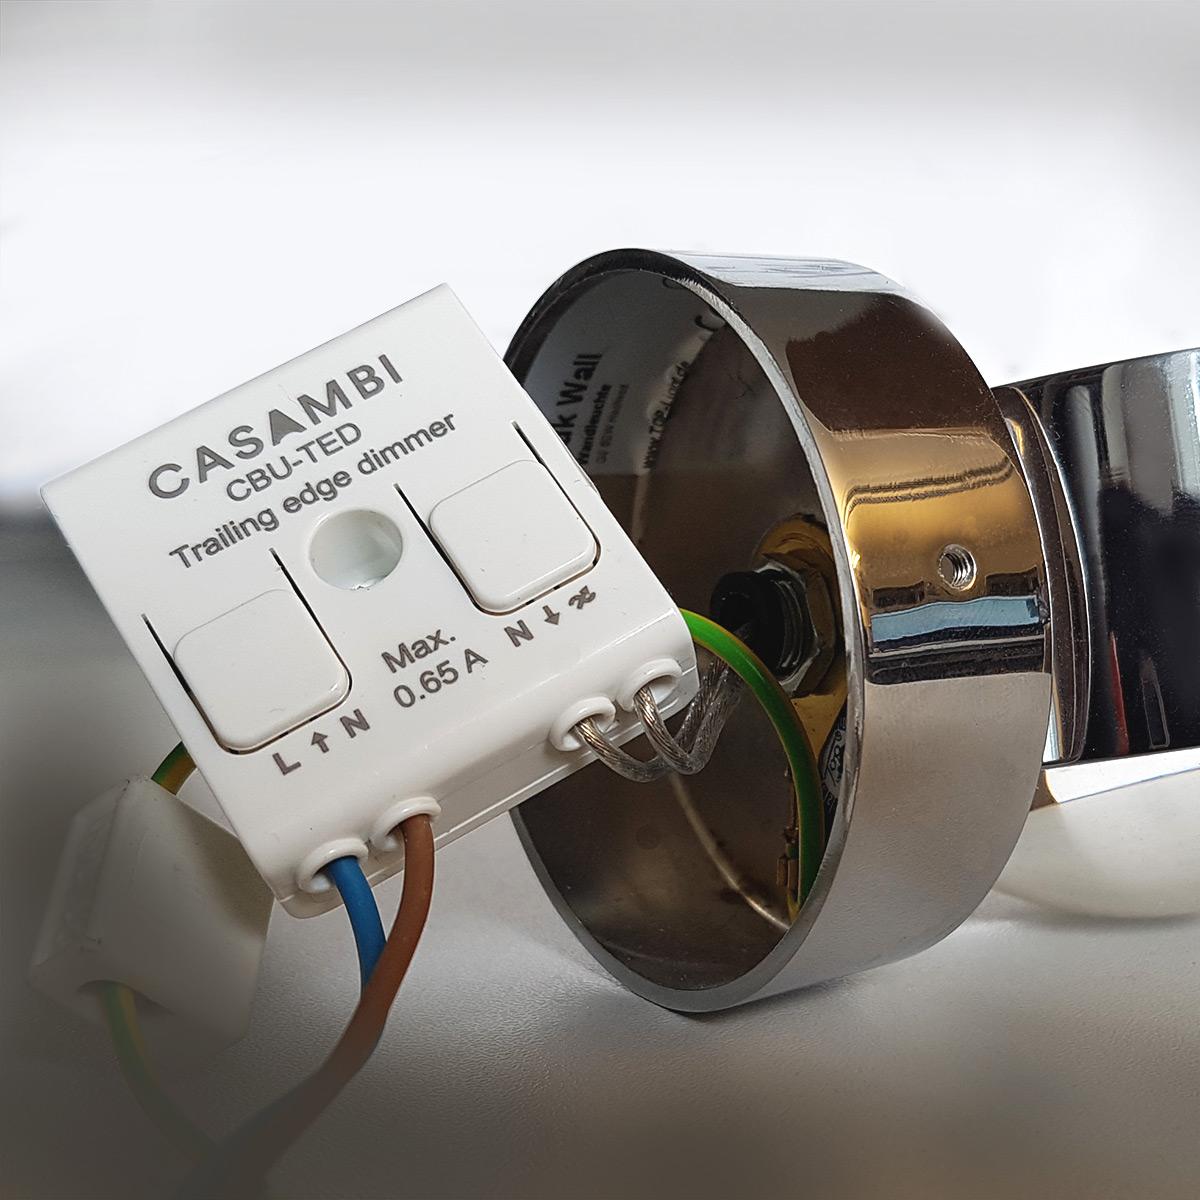 Casambi CBU-TED Bluetooth Steuermodul für Phasenabschnittsdimmer